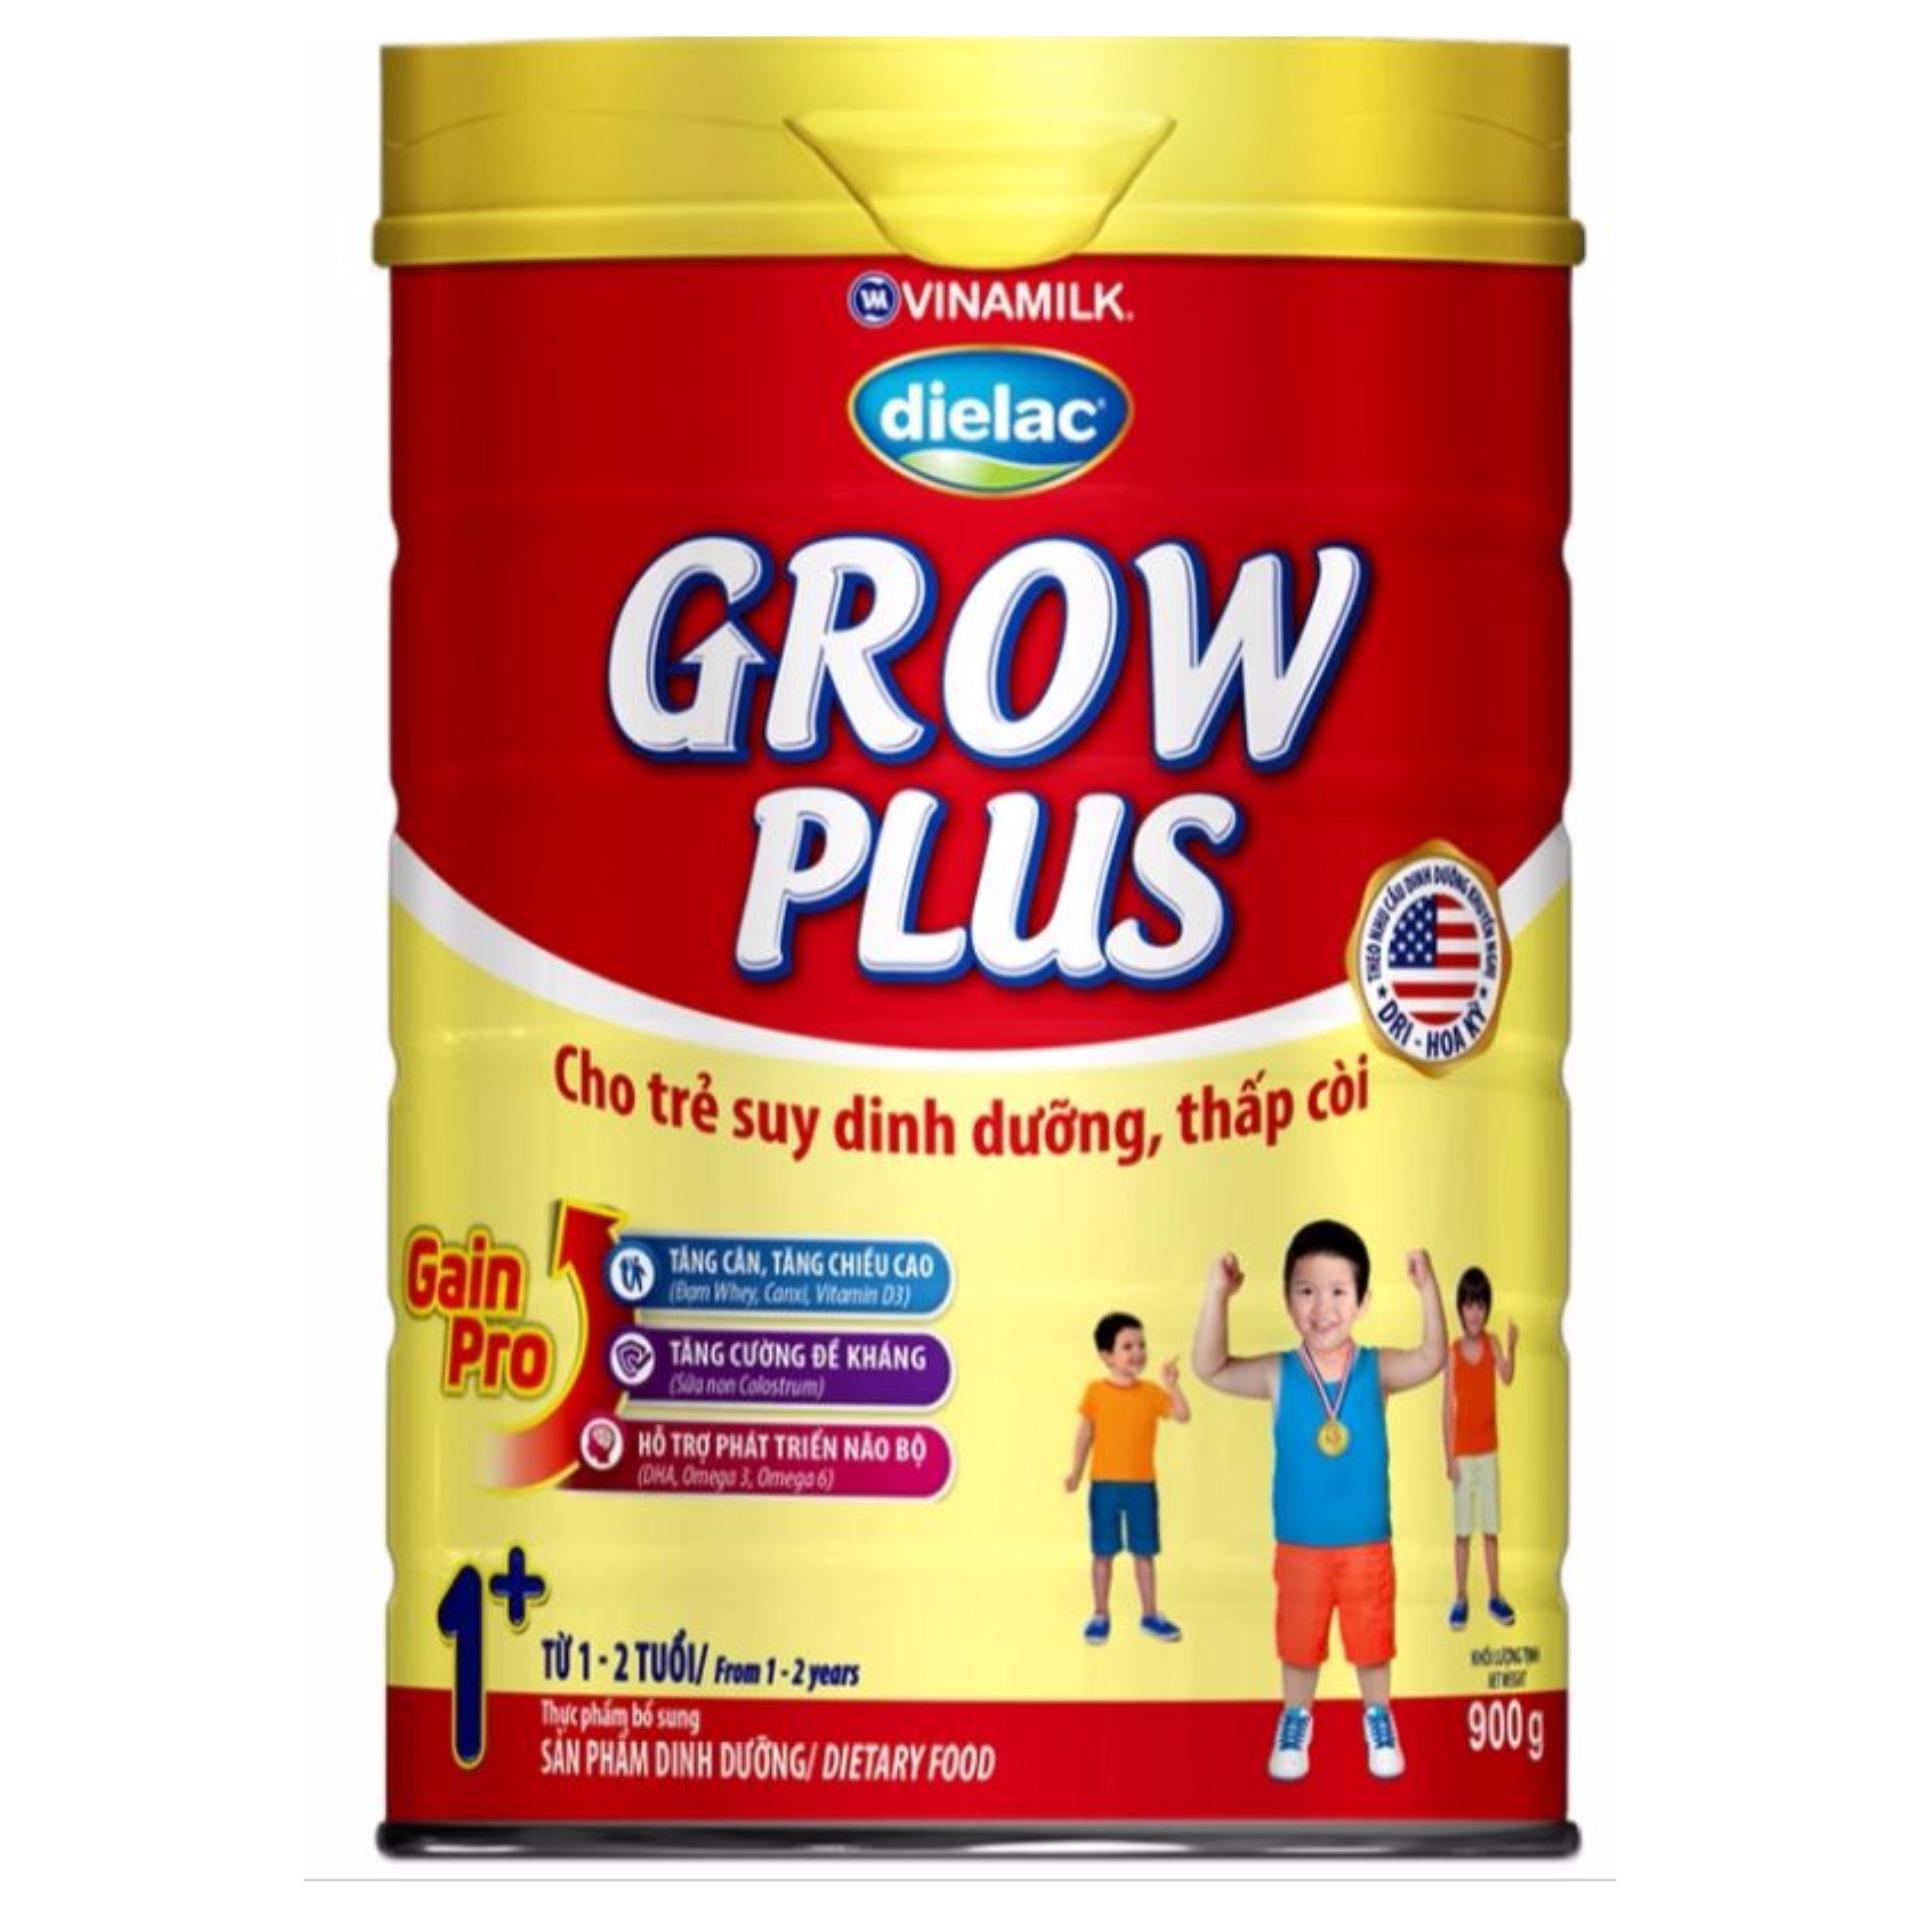 Sữa bột Vinamilk Dielac Grow Plus 1+ 900g (Hộp thiếc)